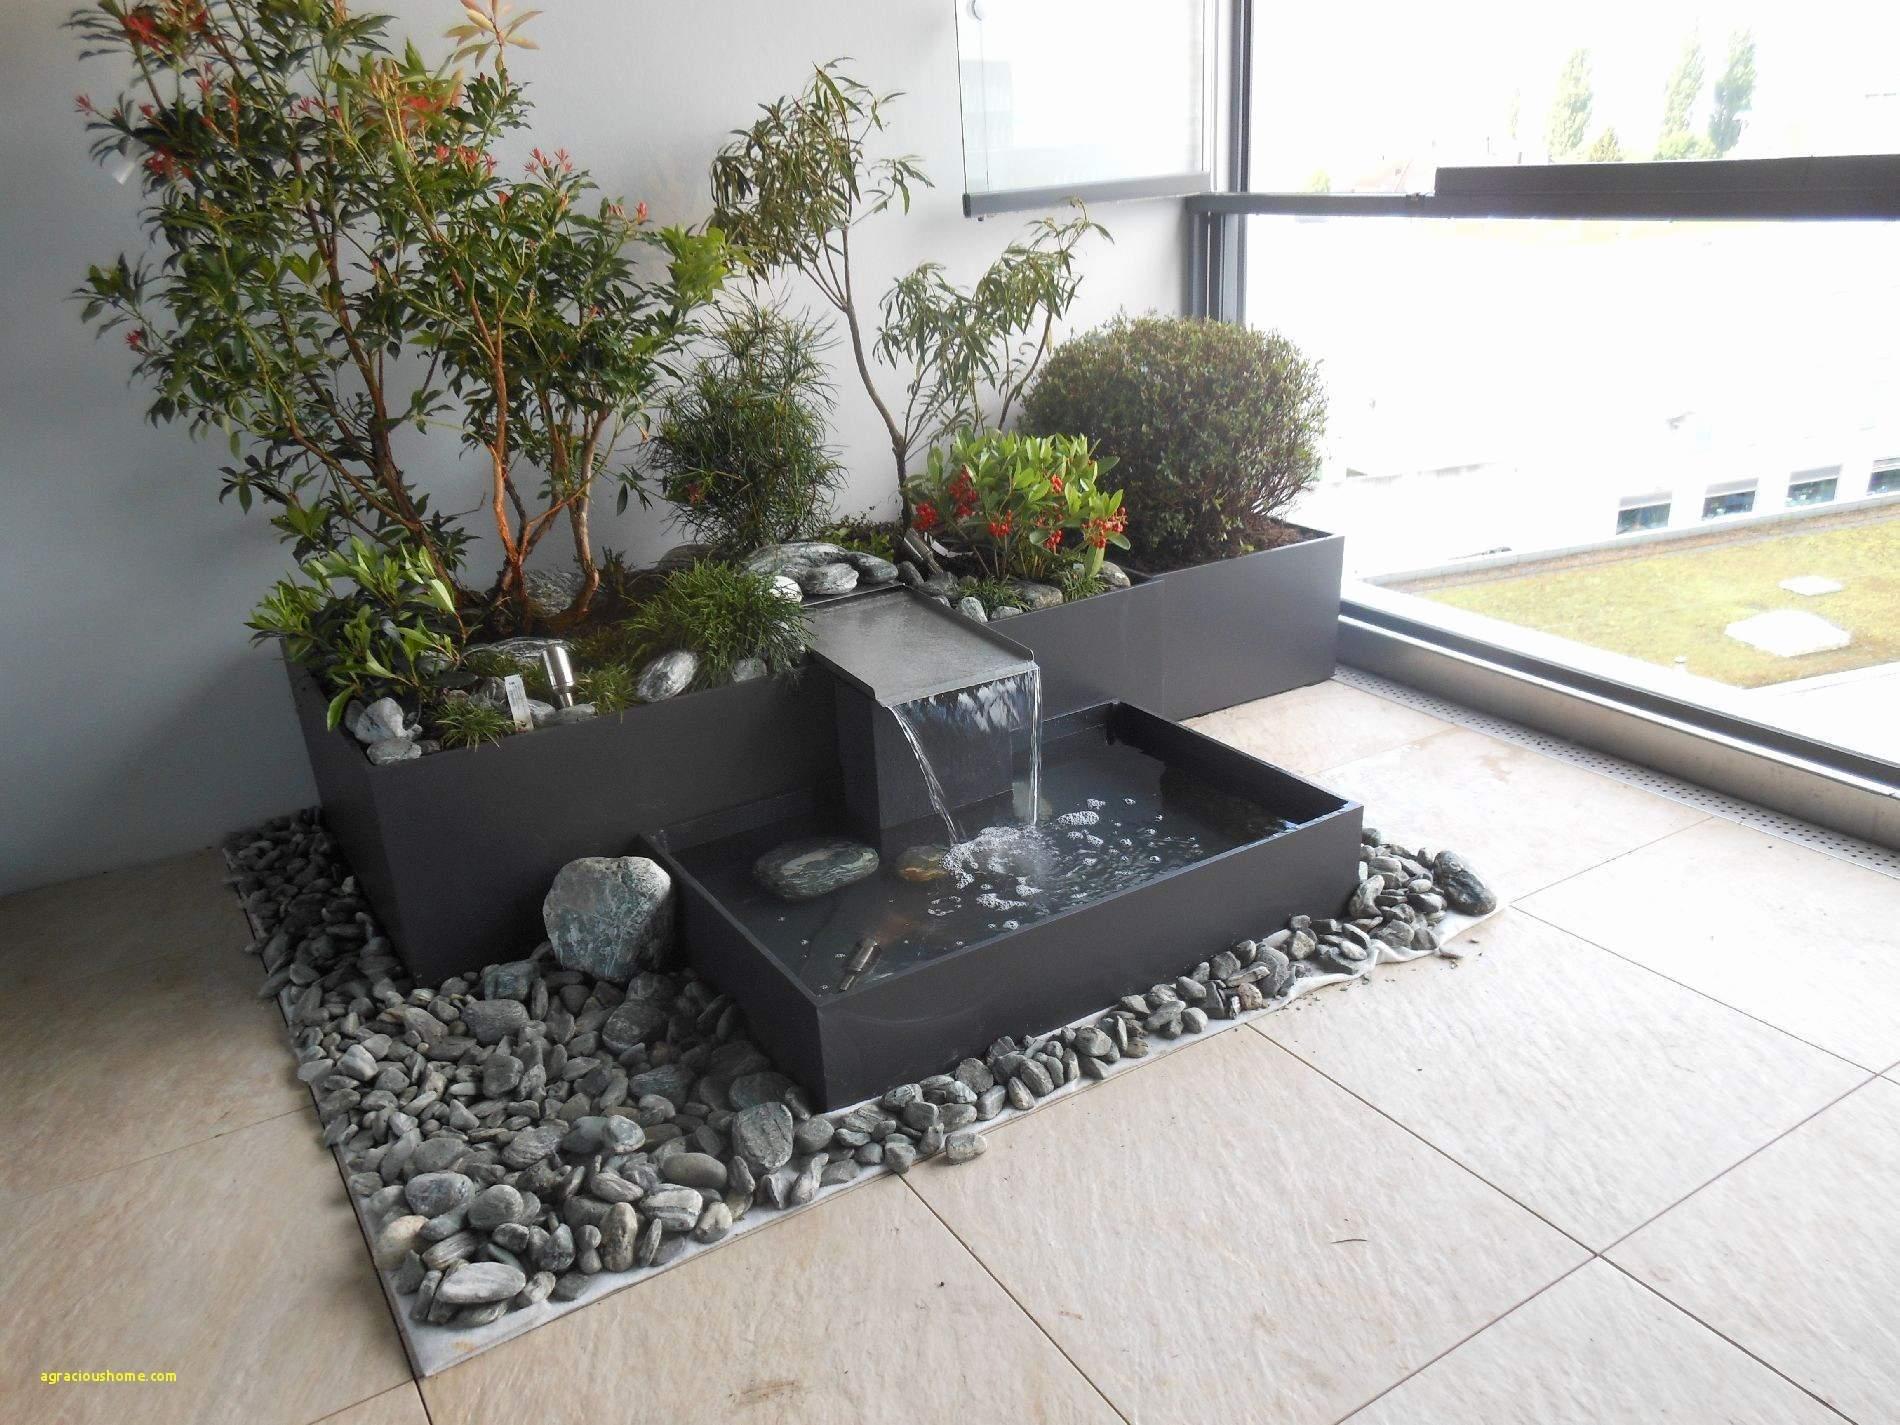 wasserbrunnen wohnzimmer reizend das beste von wohnzimmer brunnen of wasserbrunnen wohnzimmer